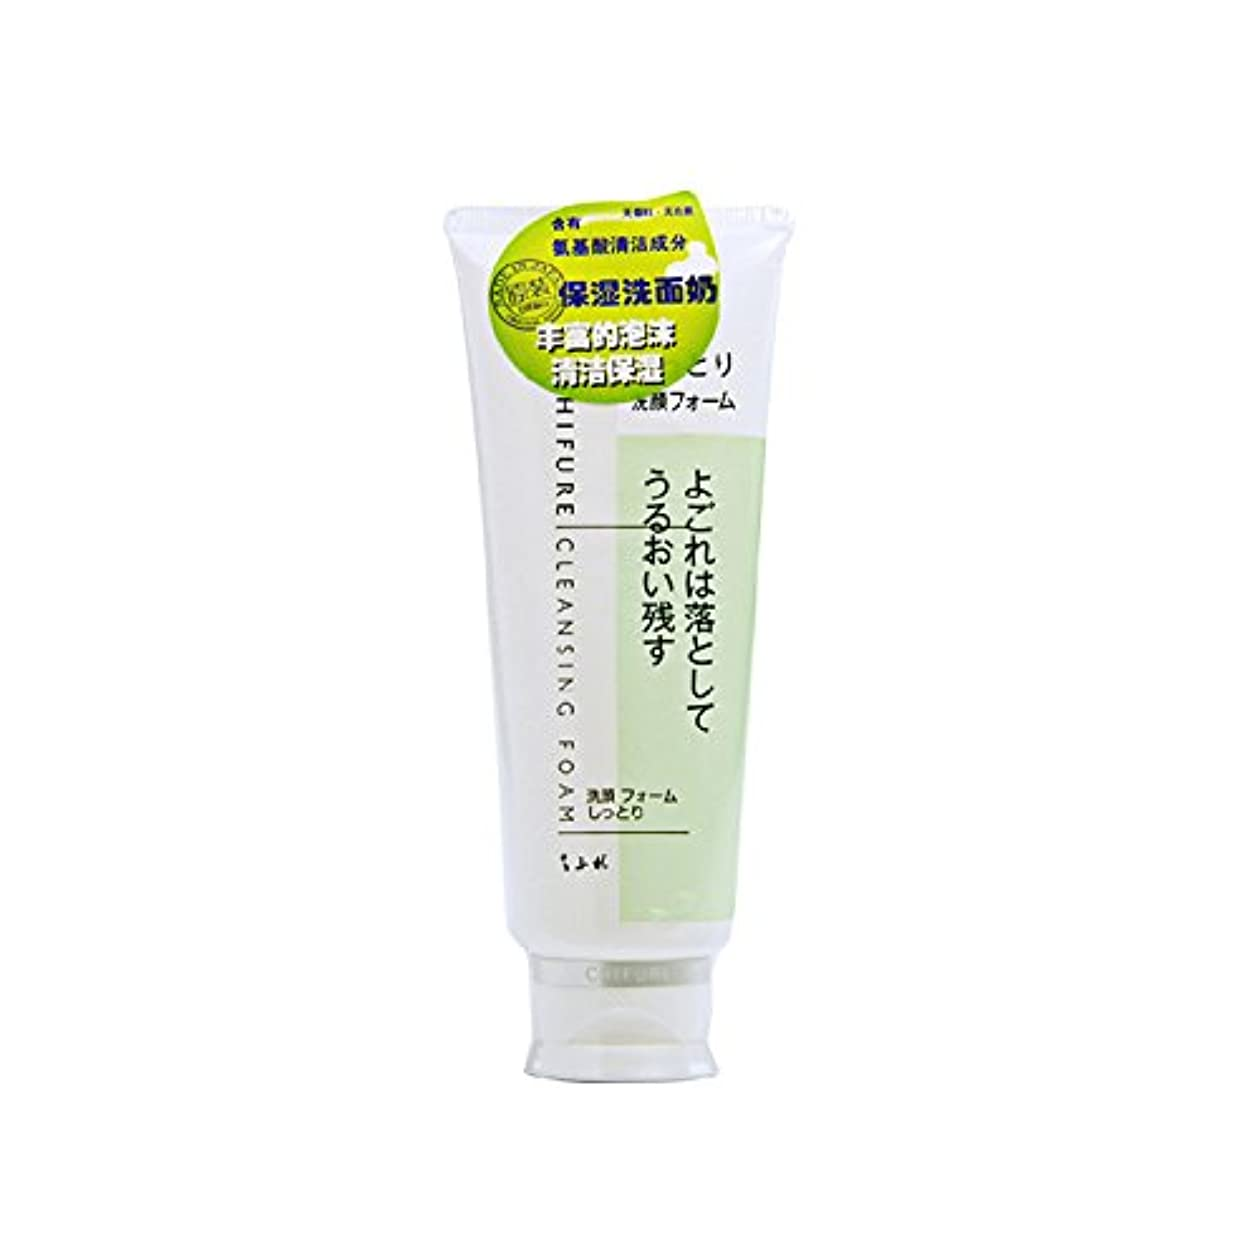 無条件栄光の場合ちふれ化粧品 洗顔フォームしっとり 150g 150G